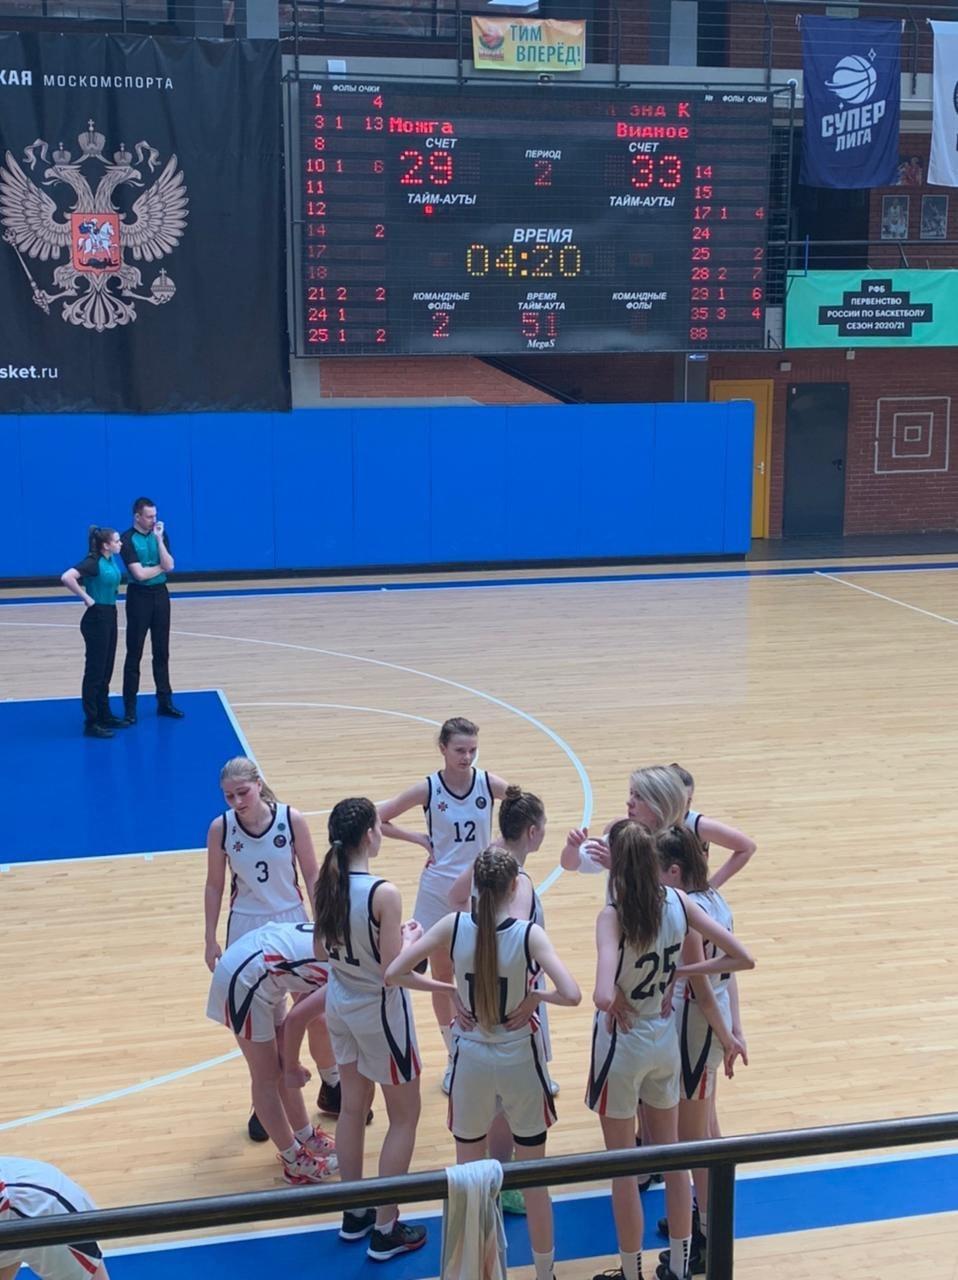 Можгинская Виктория завоевала 6 место на Первенстве России